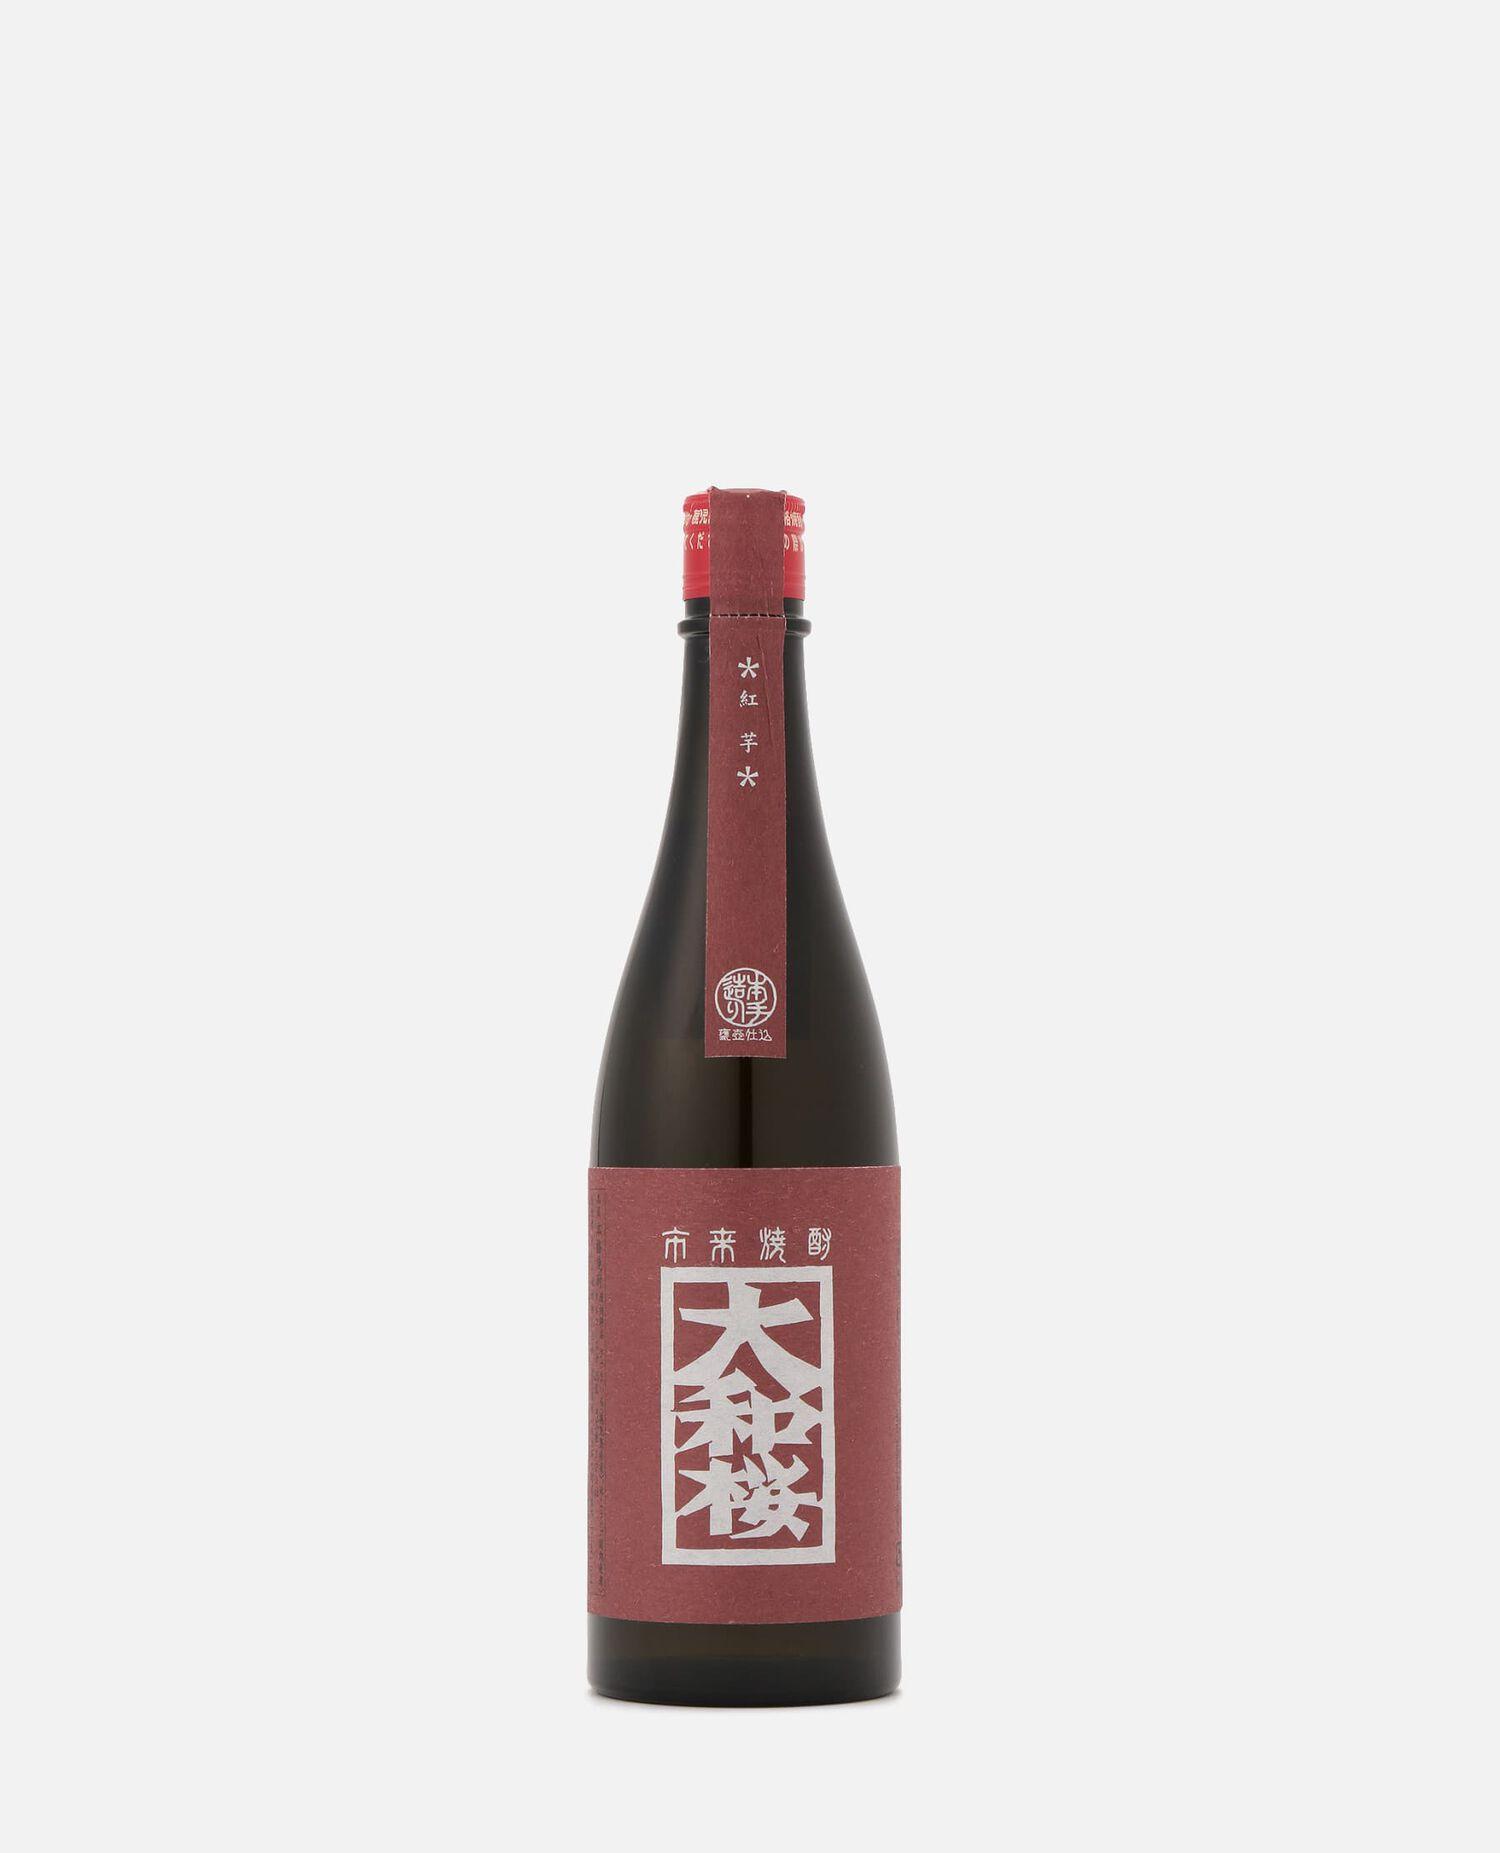 大和桜 紅芋 紅芋焼酎